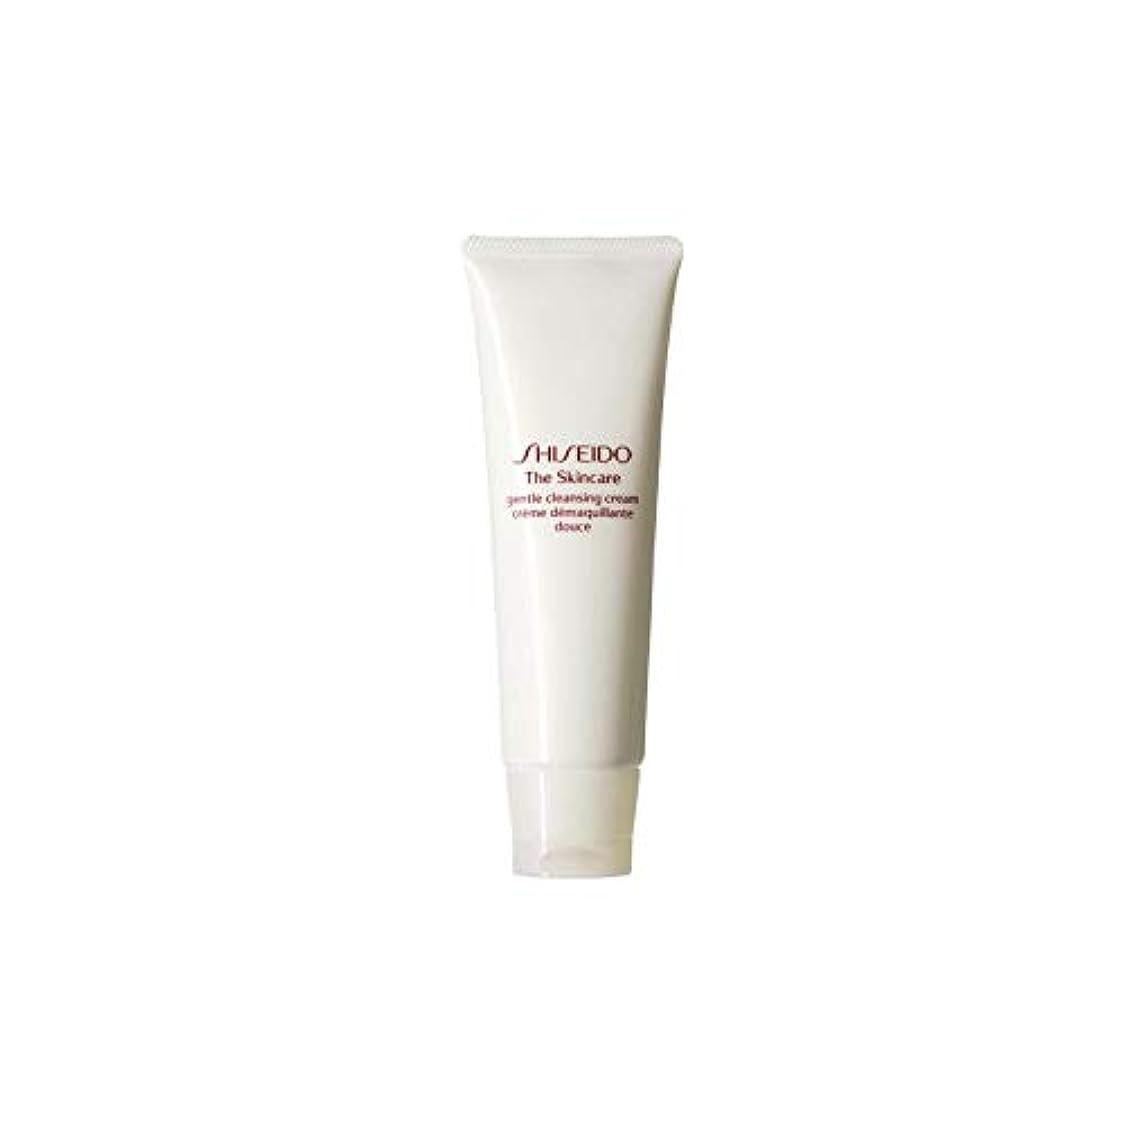 立証する哺乳類区画[Shiseido ] 資生堂スキンケアの必需品ジェントルクレンジングクリーム(125ミリリットル) - Shiseido The Skincare Essentials Gentle Cleansing Cream (...